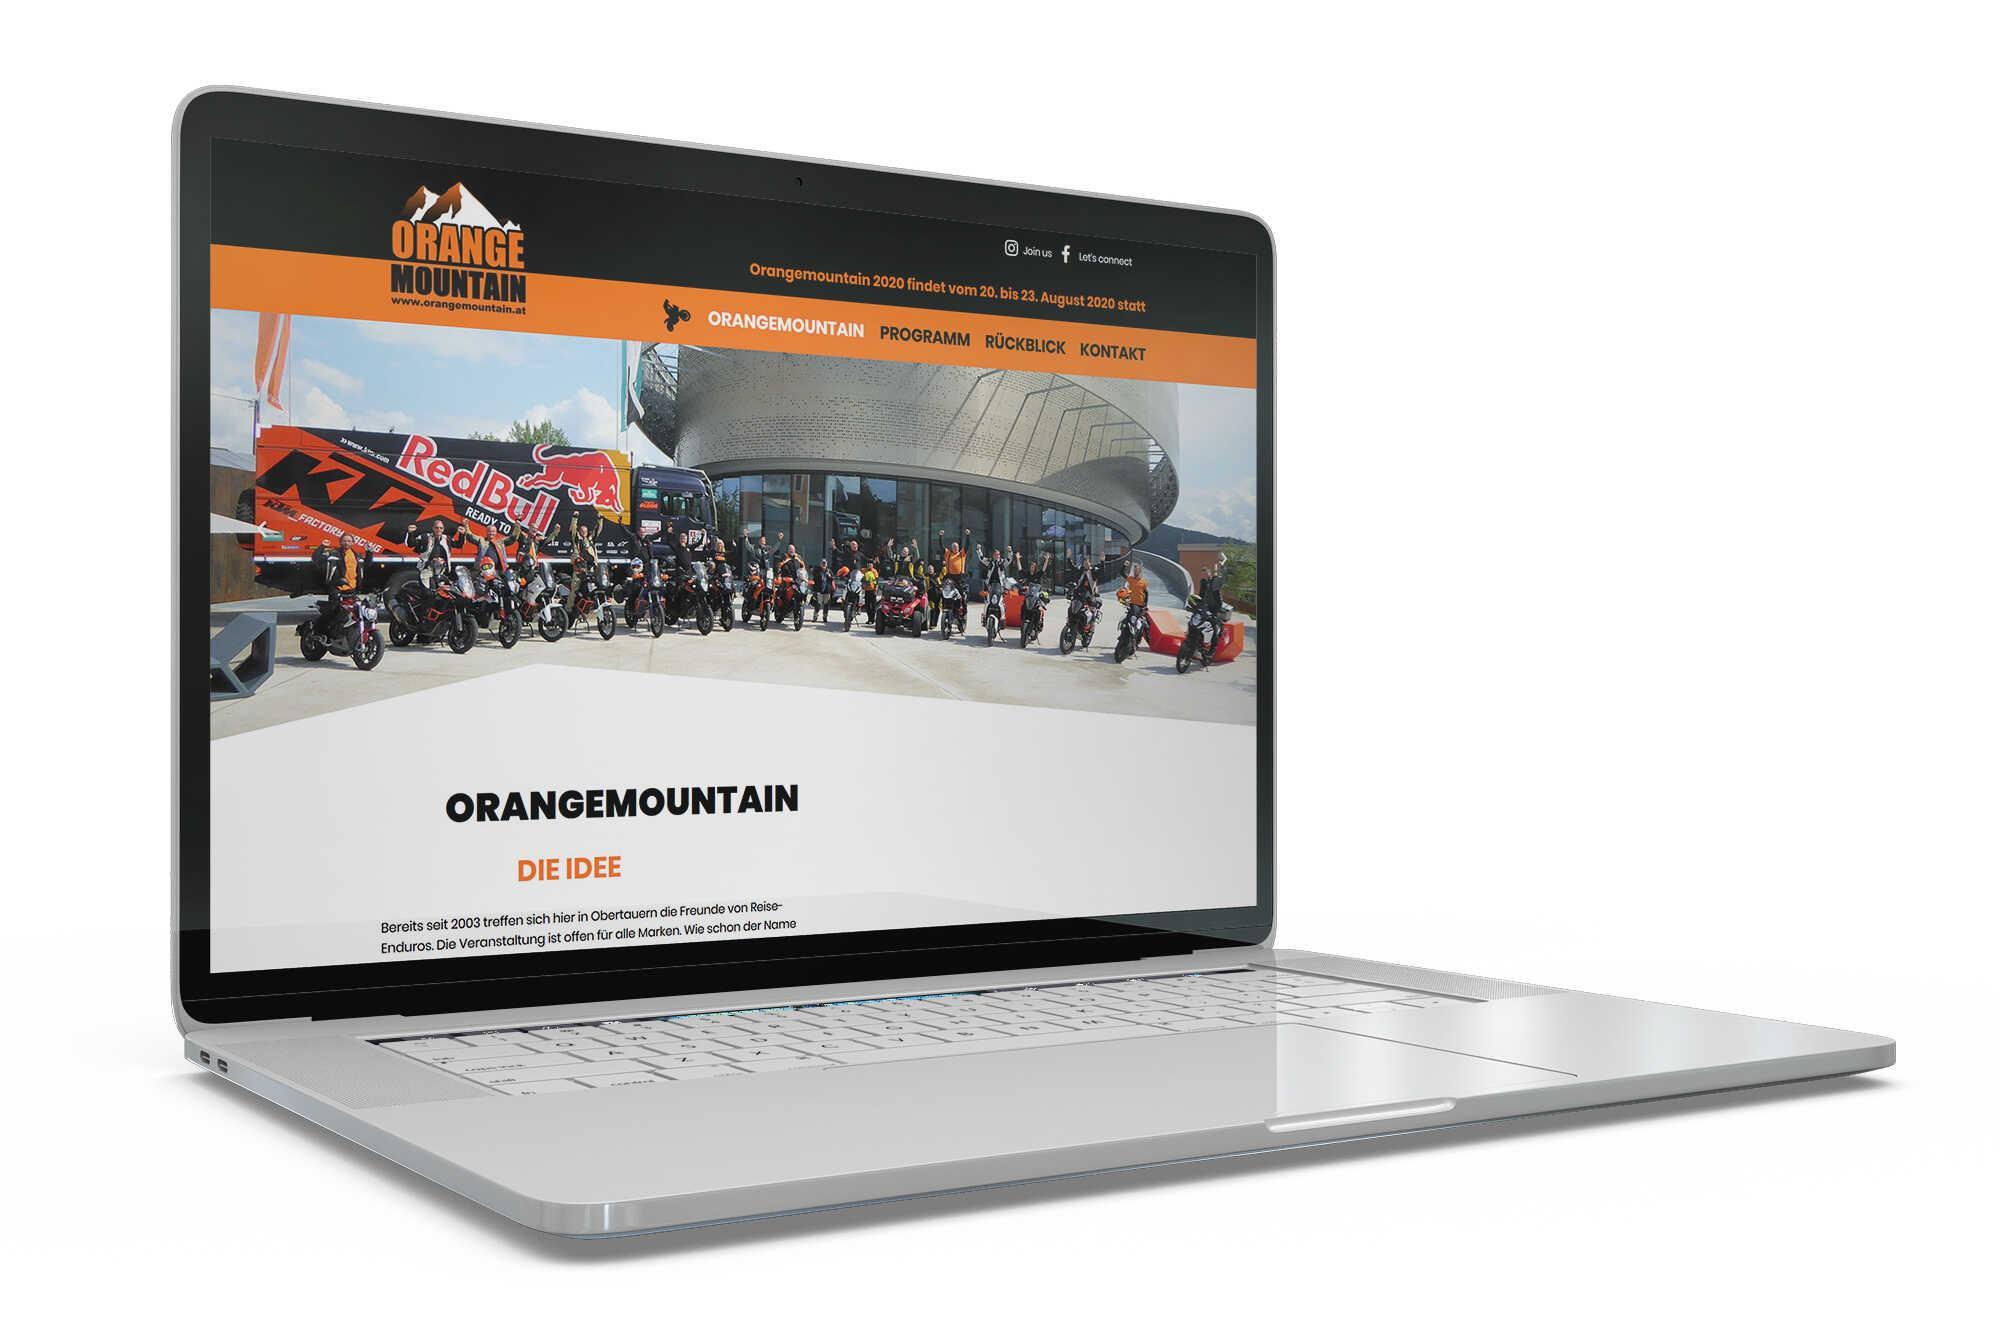 Orangemountain Adventurbiketreffen - Website